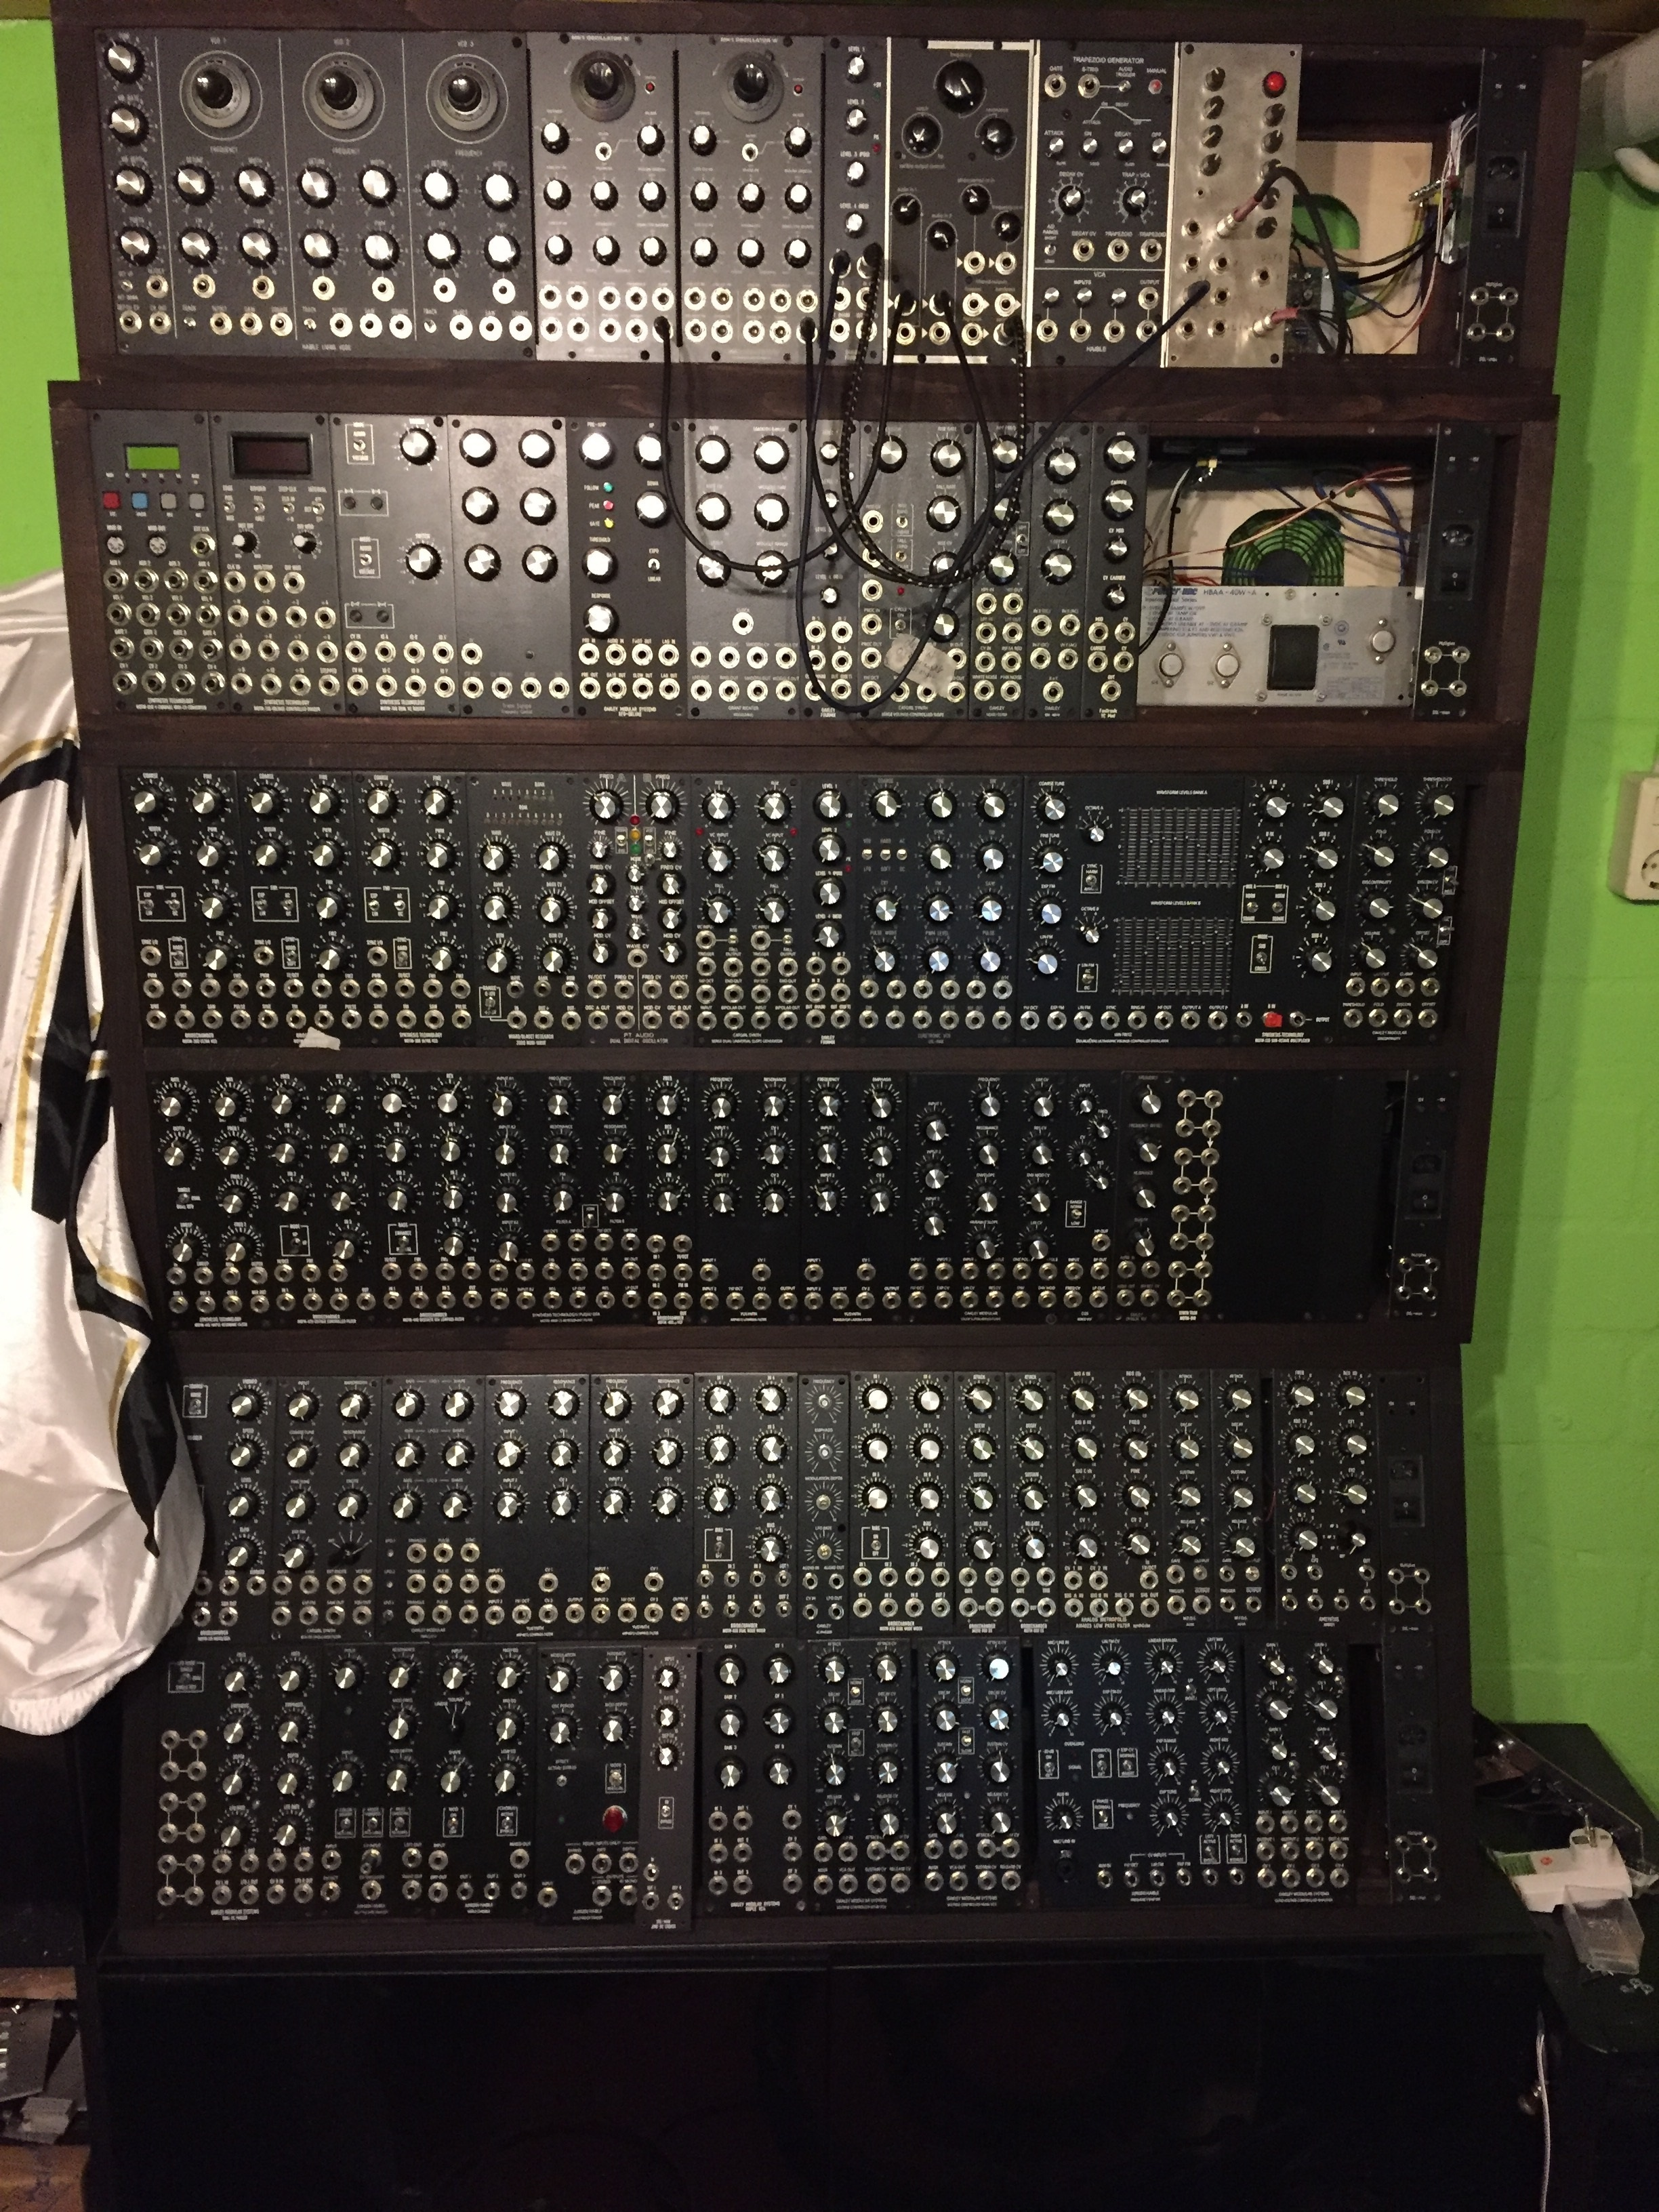 Modular in 5U projects - DIY 5U Modular Synthesizer - We